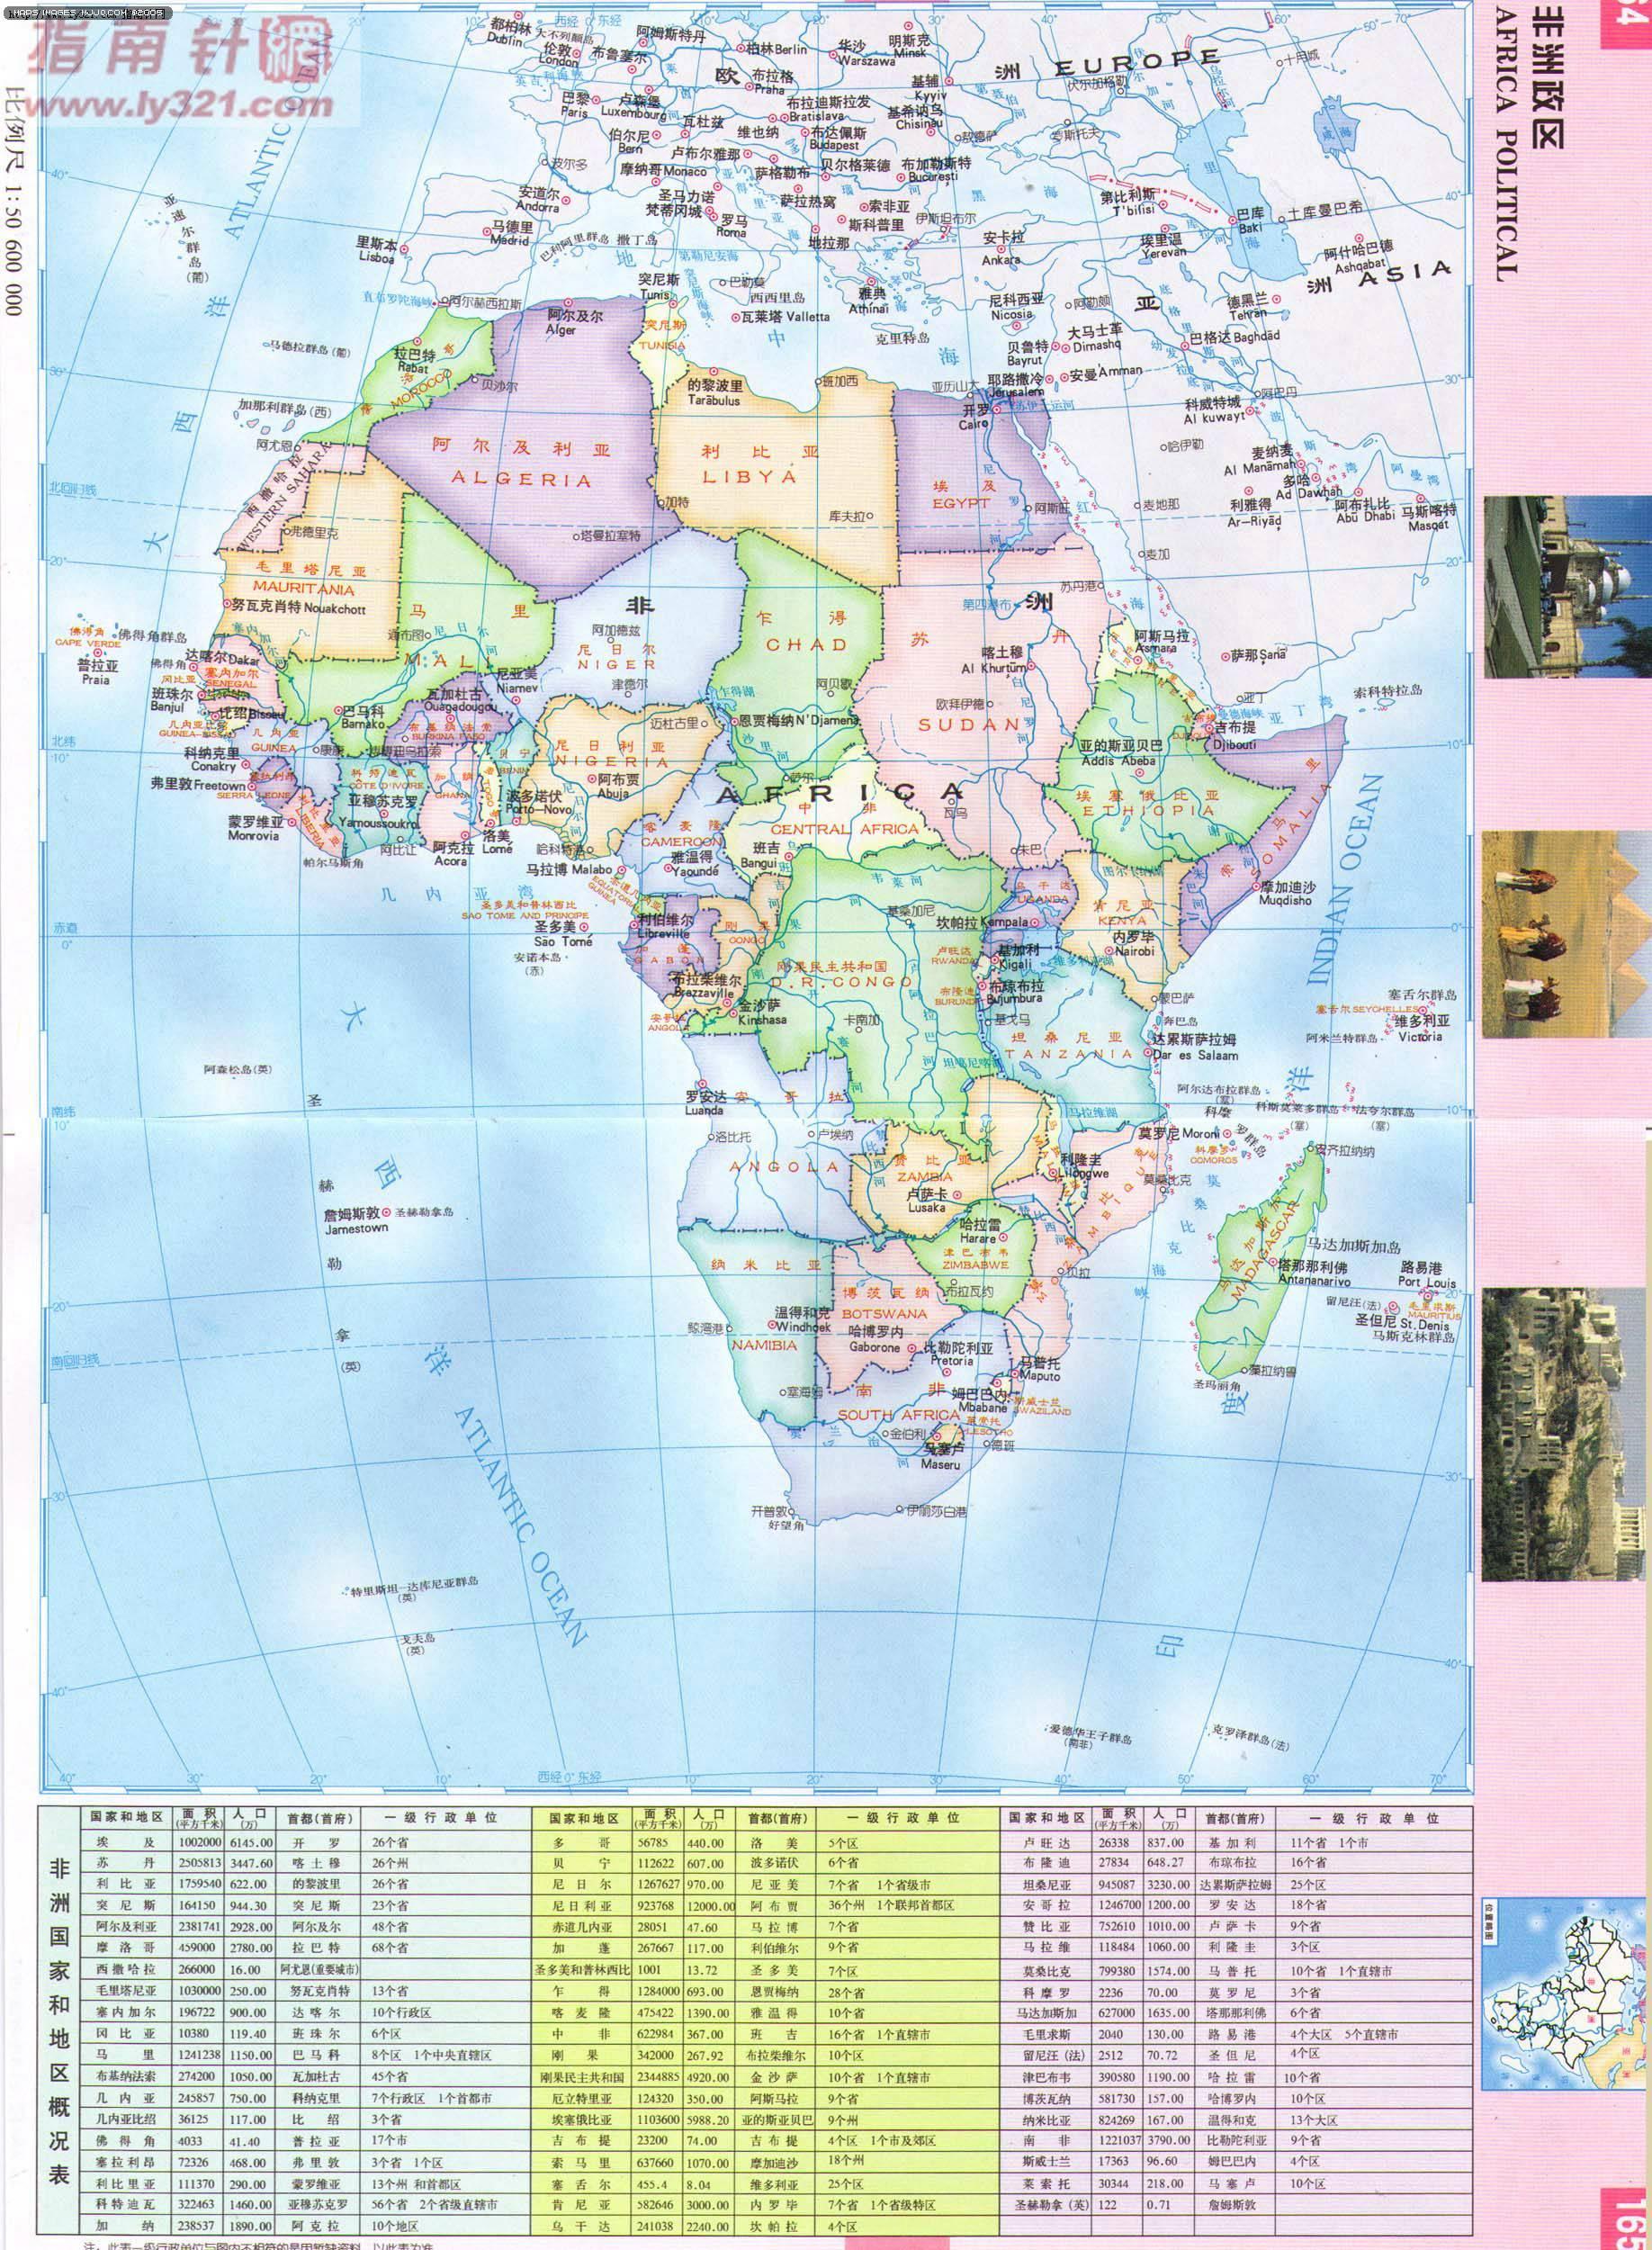 非洲地圖- 非洲地圖Afica Maps.世界地圖- 美景旅遊網